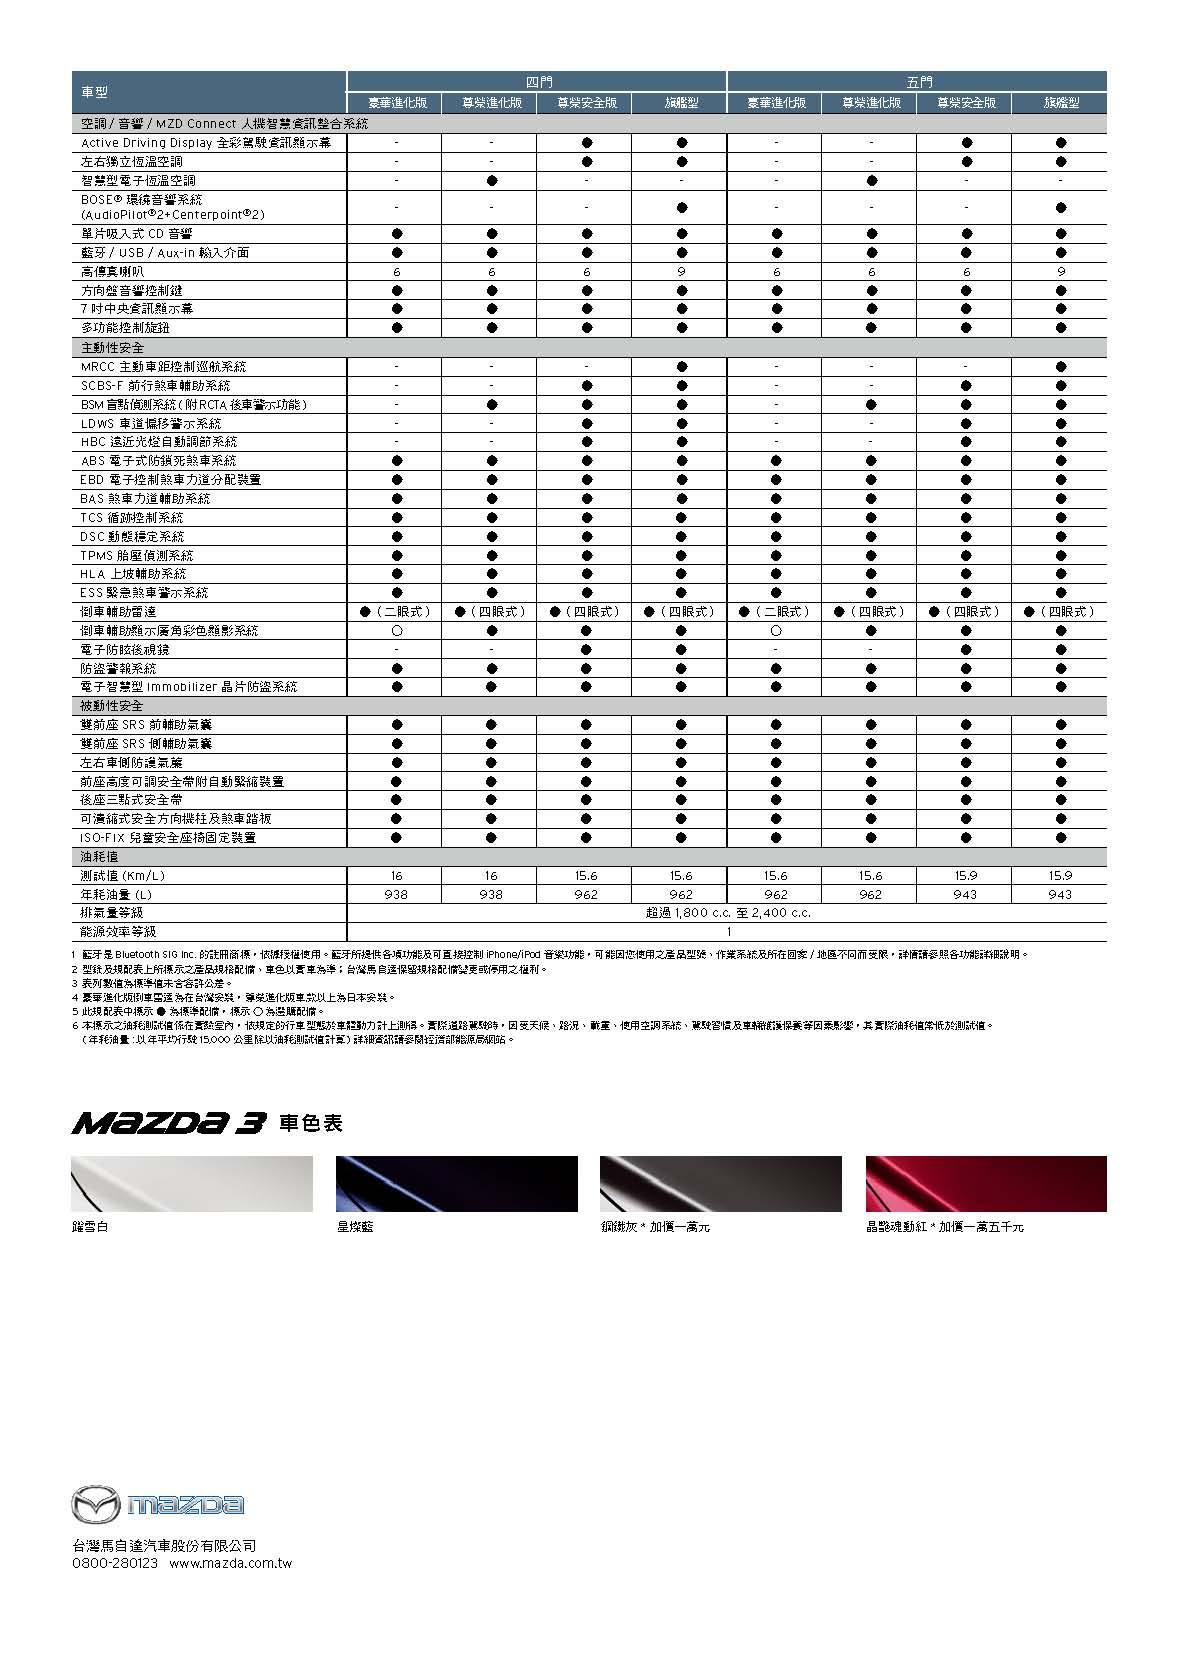 2018年式Mazda3規格配備表_頁面_2